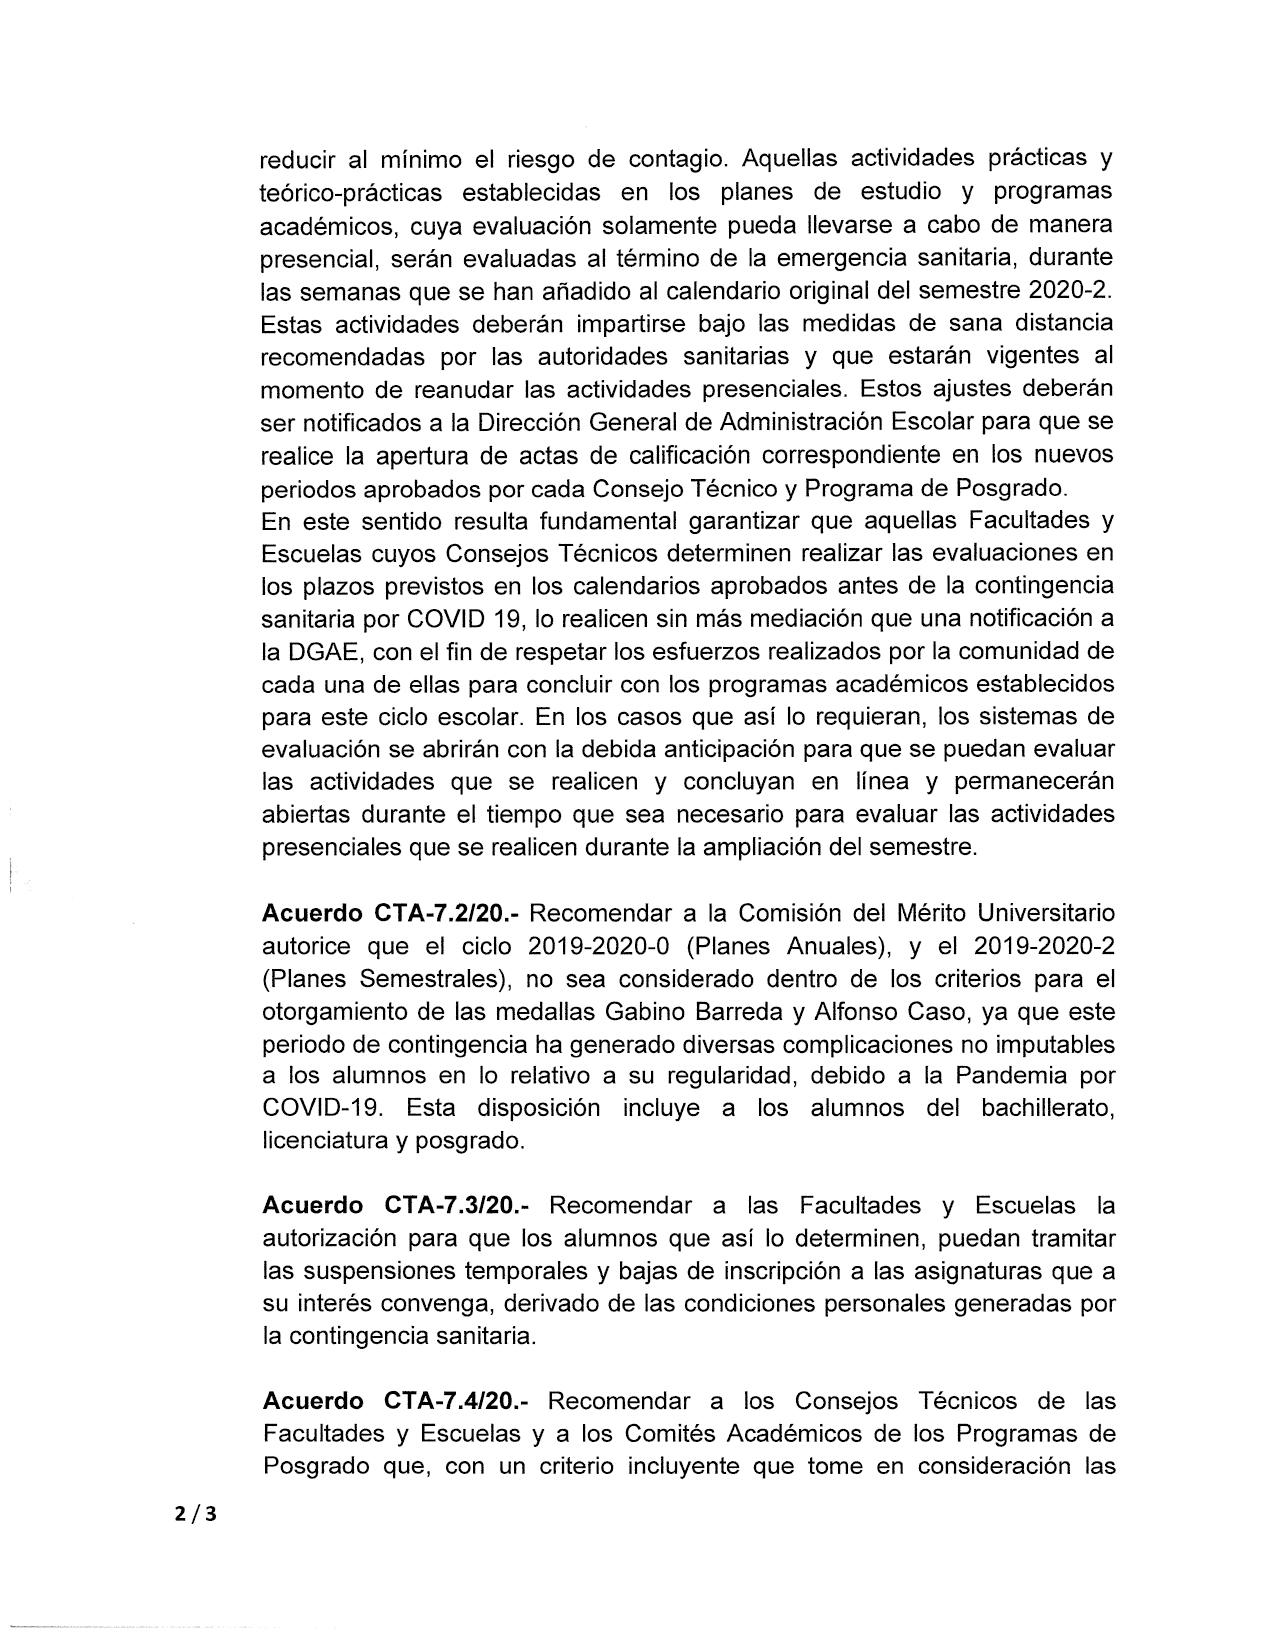 Acuerdos_CTA_05-05-2020-2